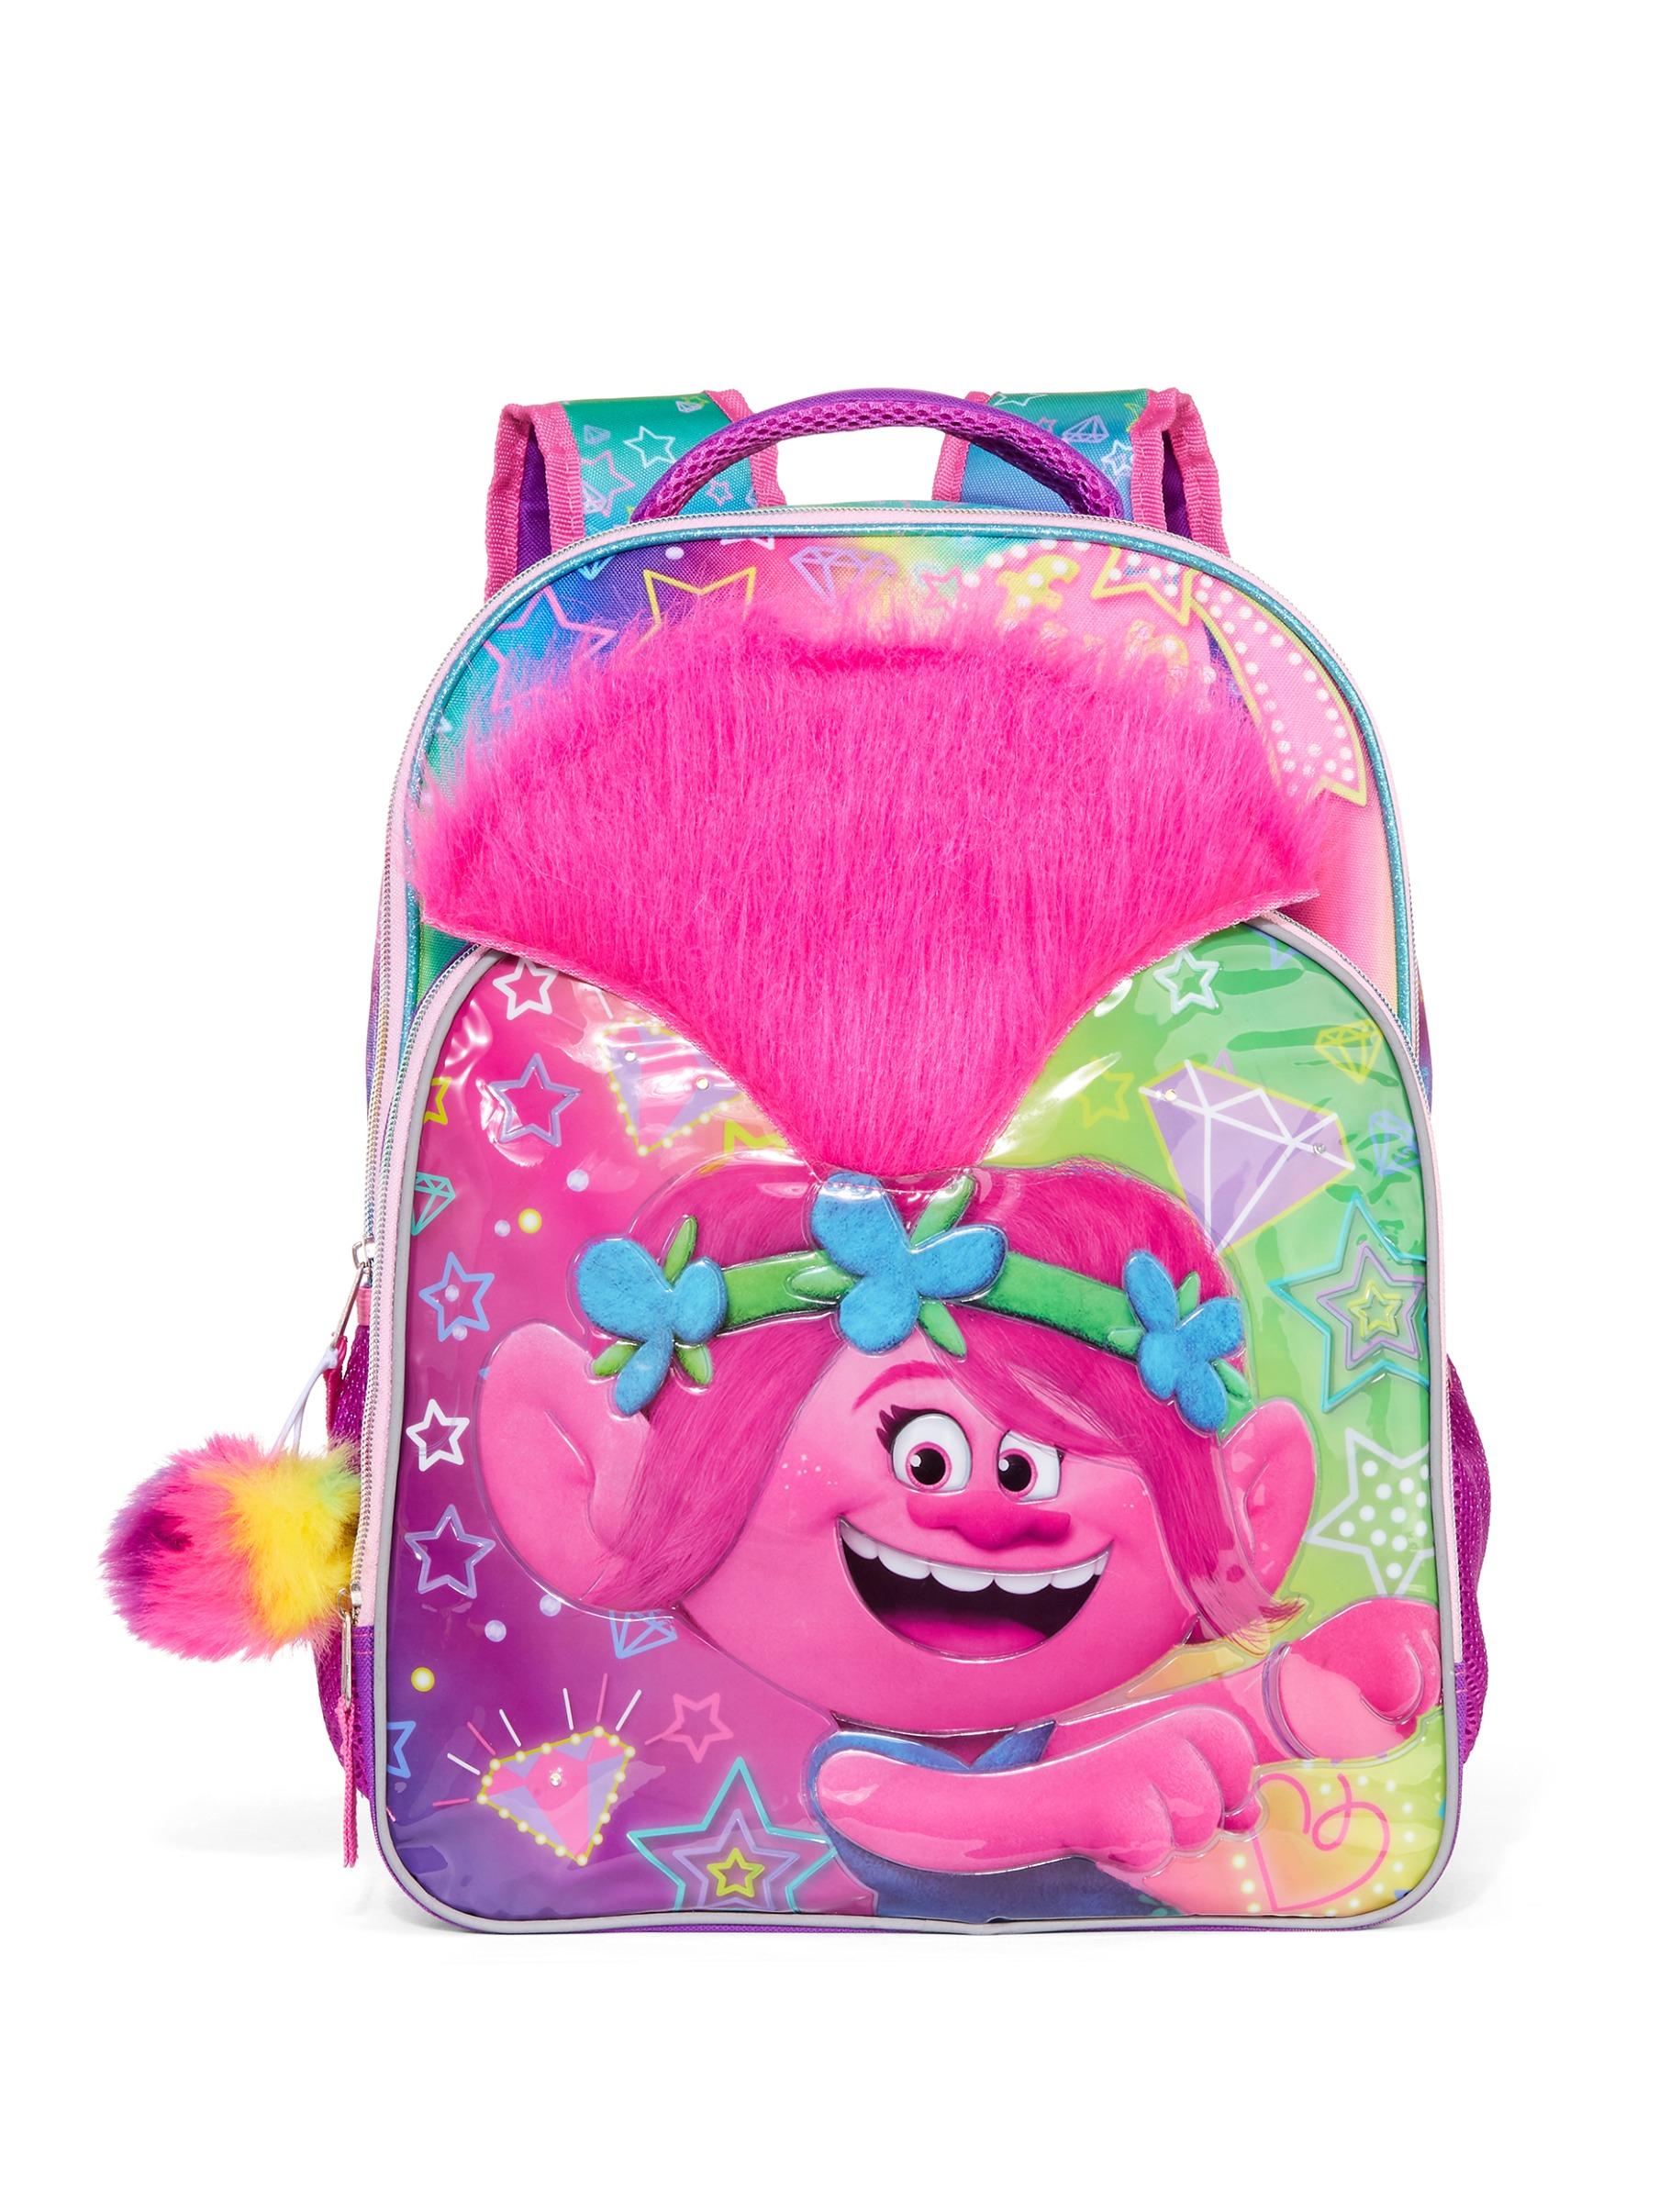 Trolls Large Light-up Backpack